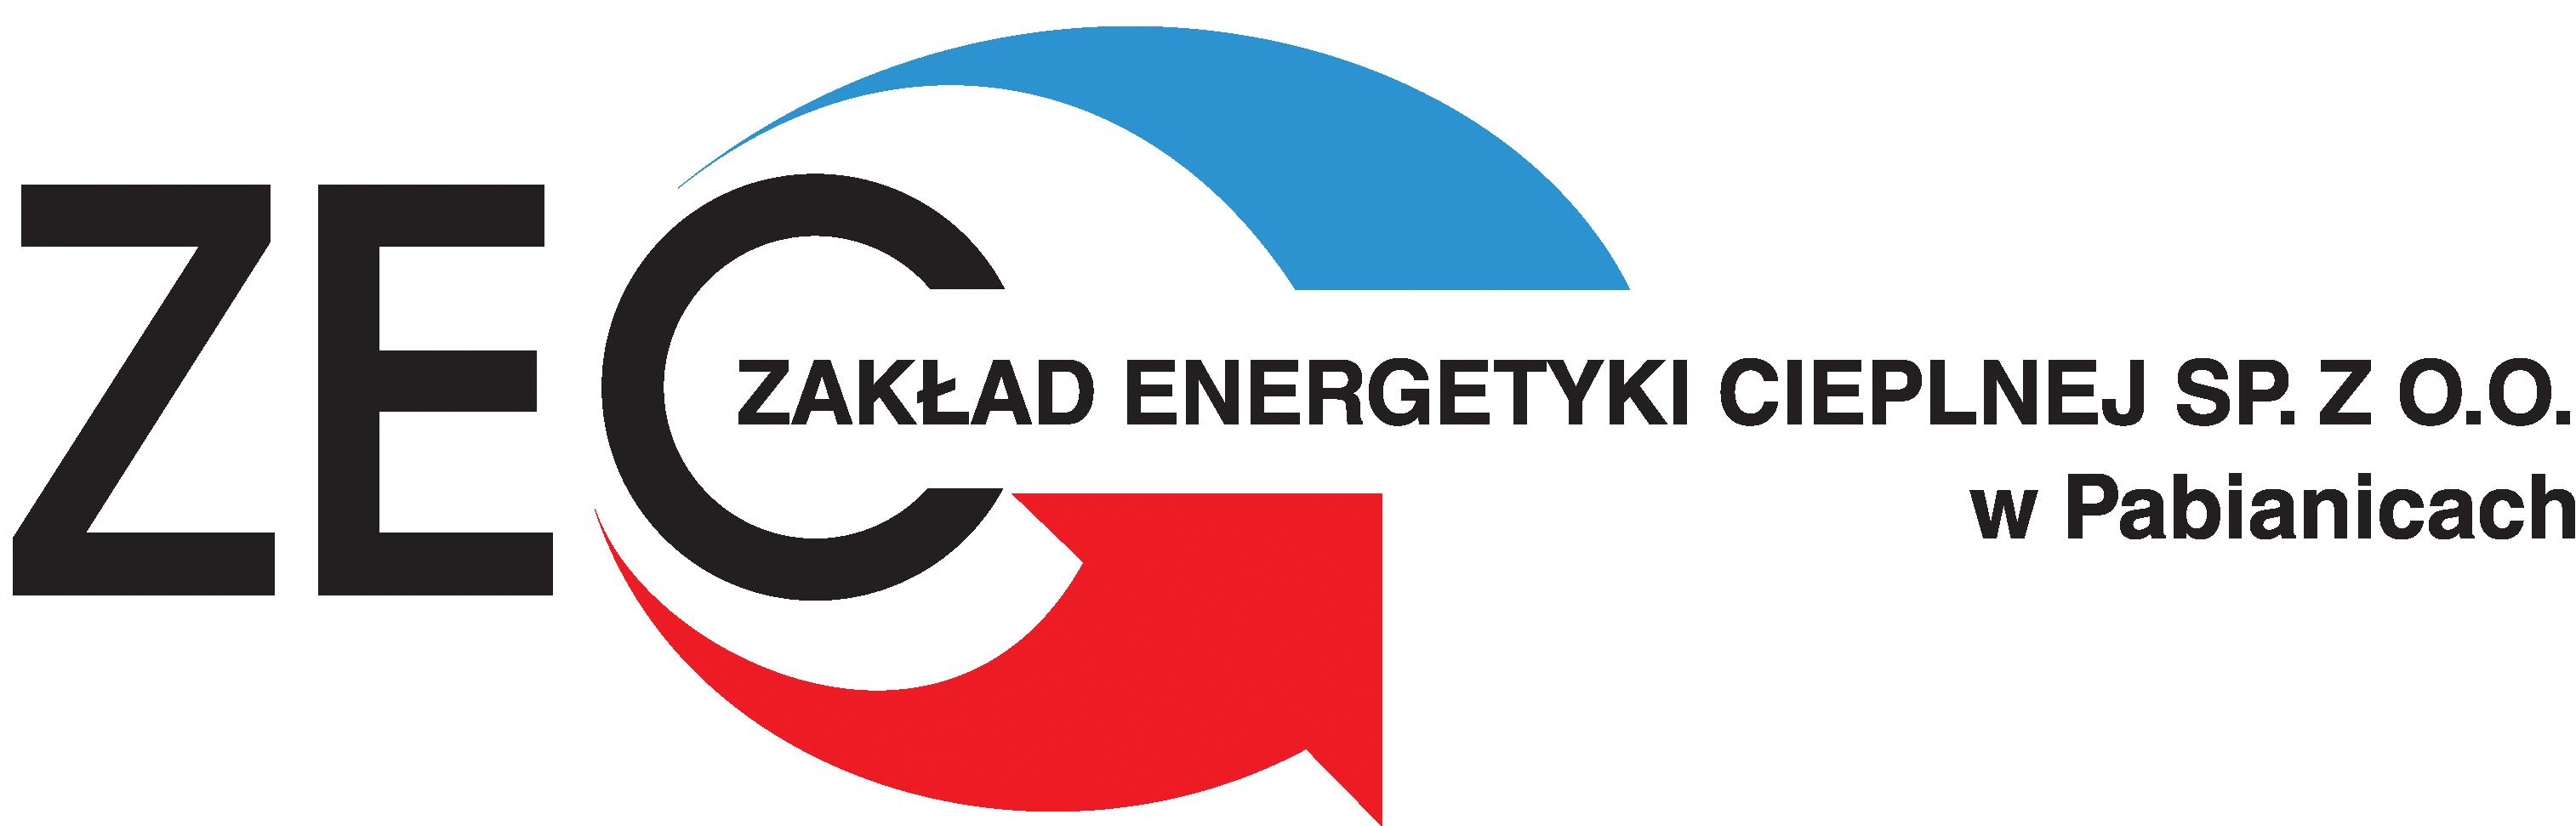 Zakład Energetyki Cieplnej